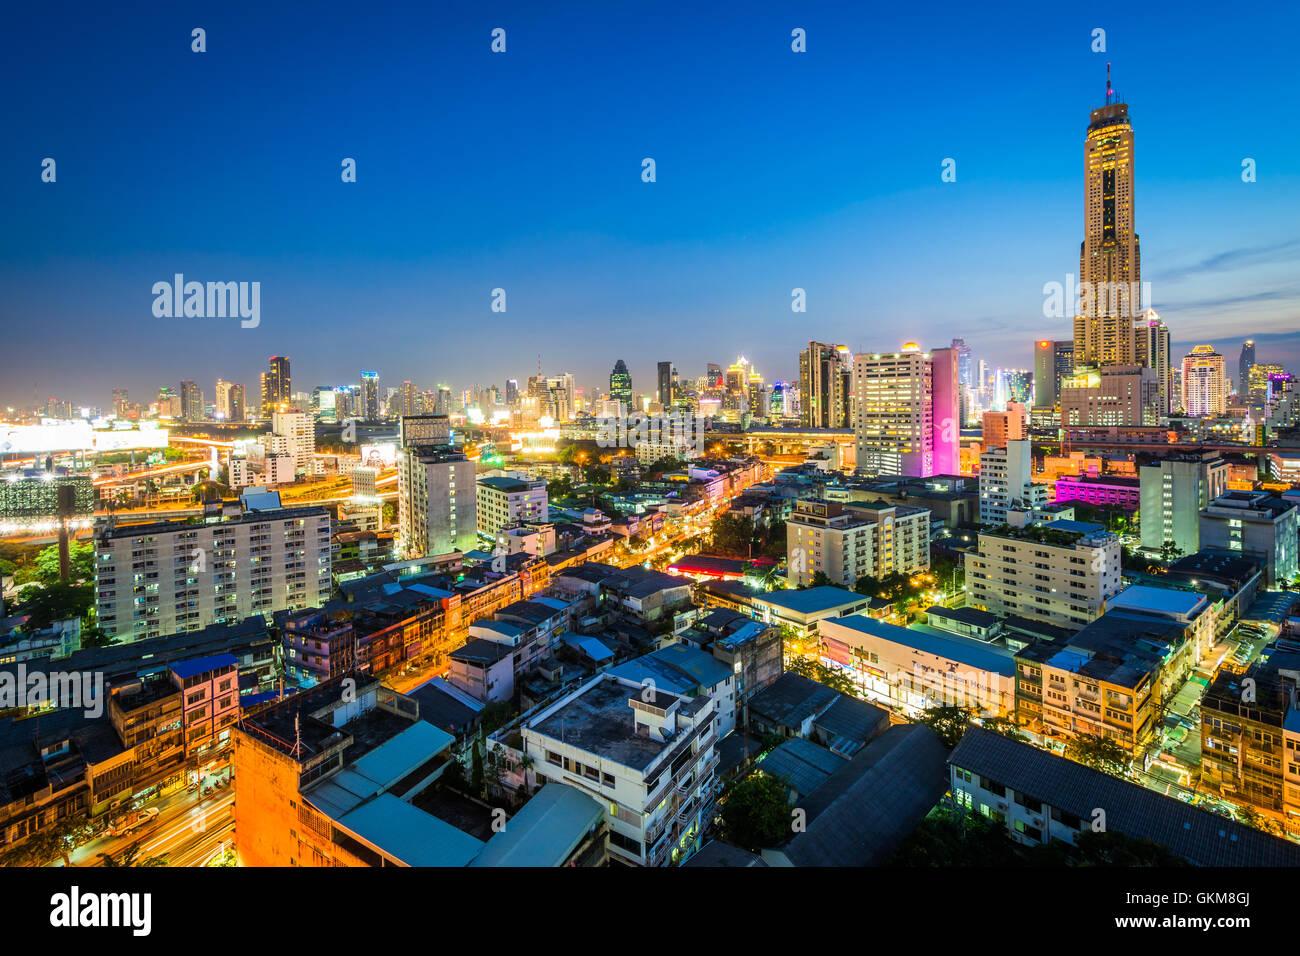 Vue sur le quartier Ratchathewi, au crépuscule, à Bangkok, Thaïlande. Photo Stock